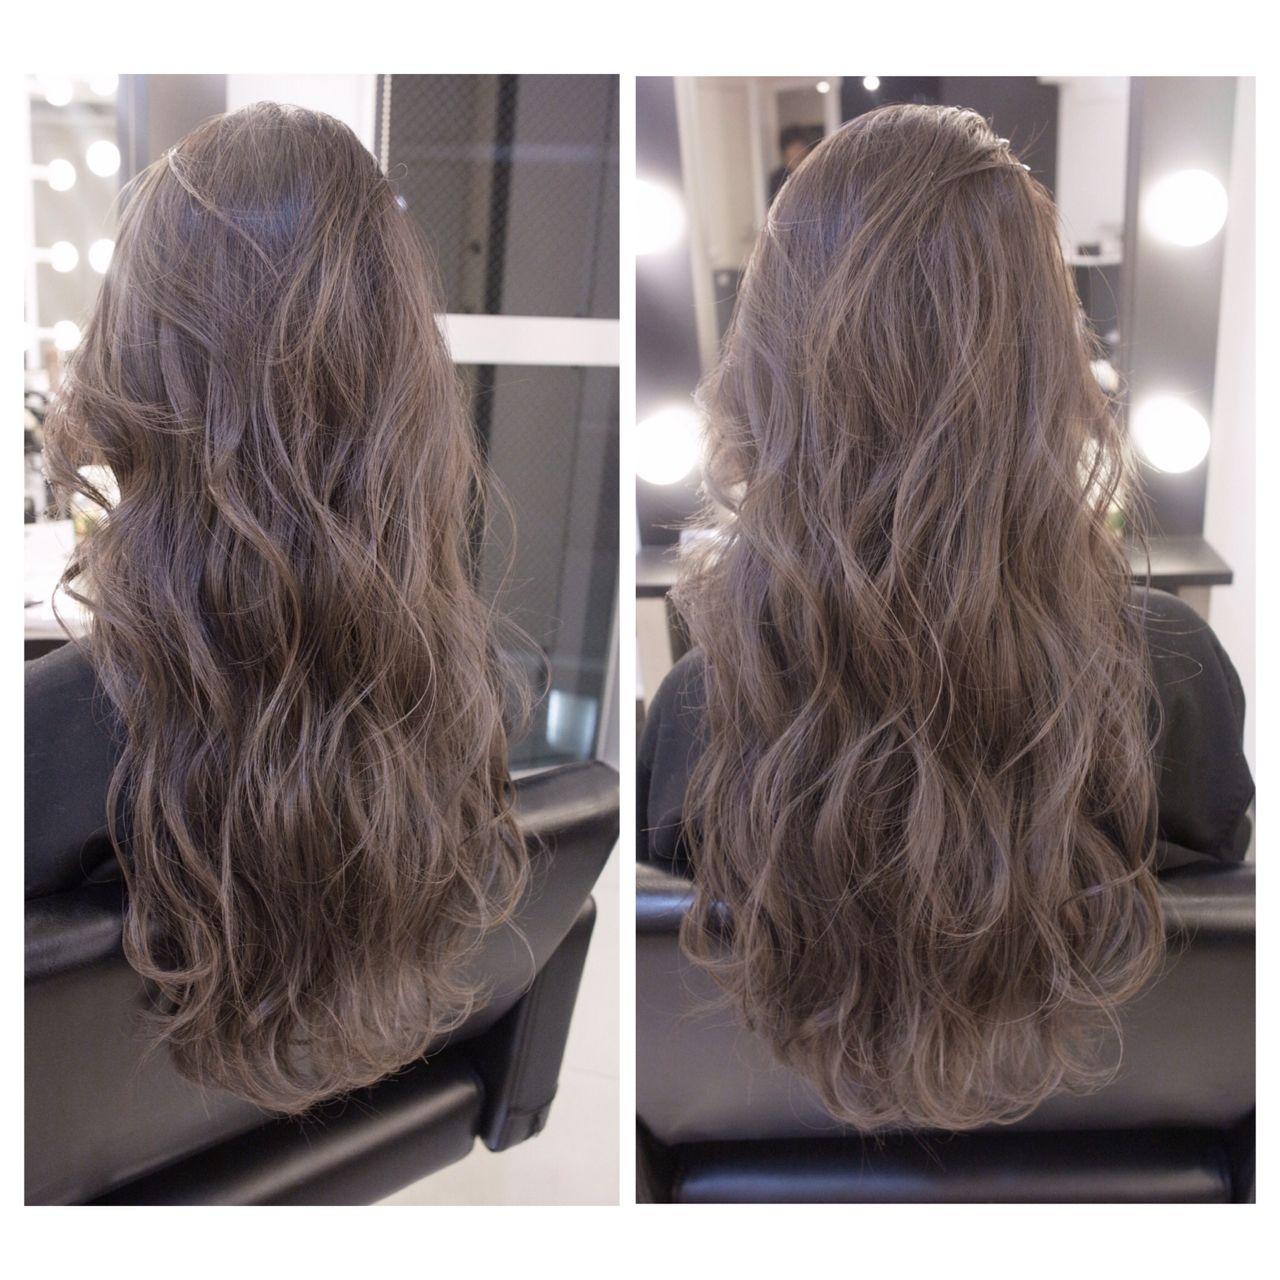 モード ストリート 秋ヘアスタイルや髪型の写真・画像